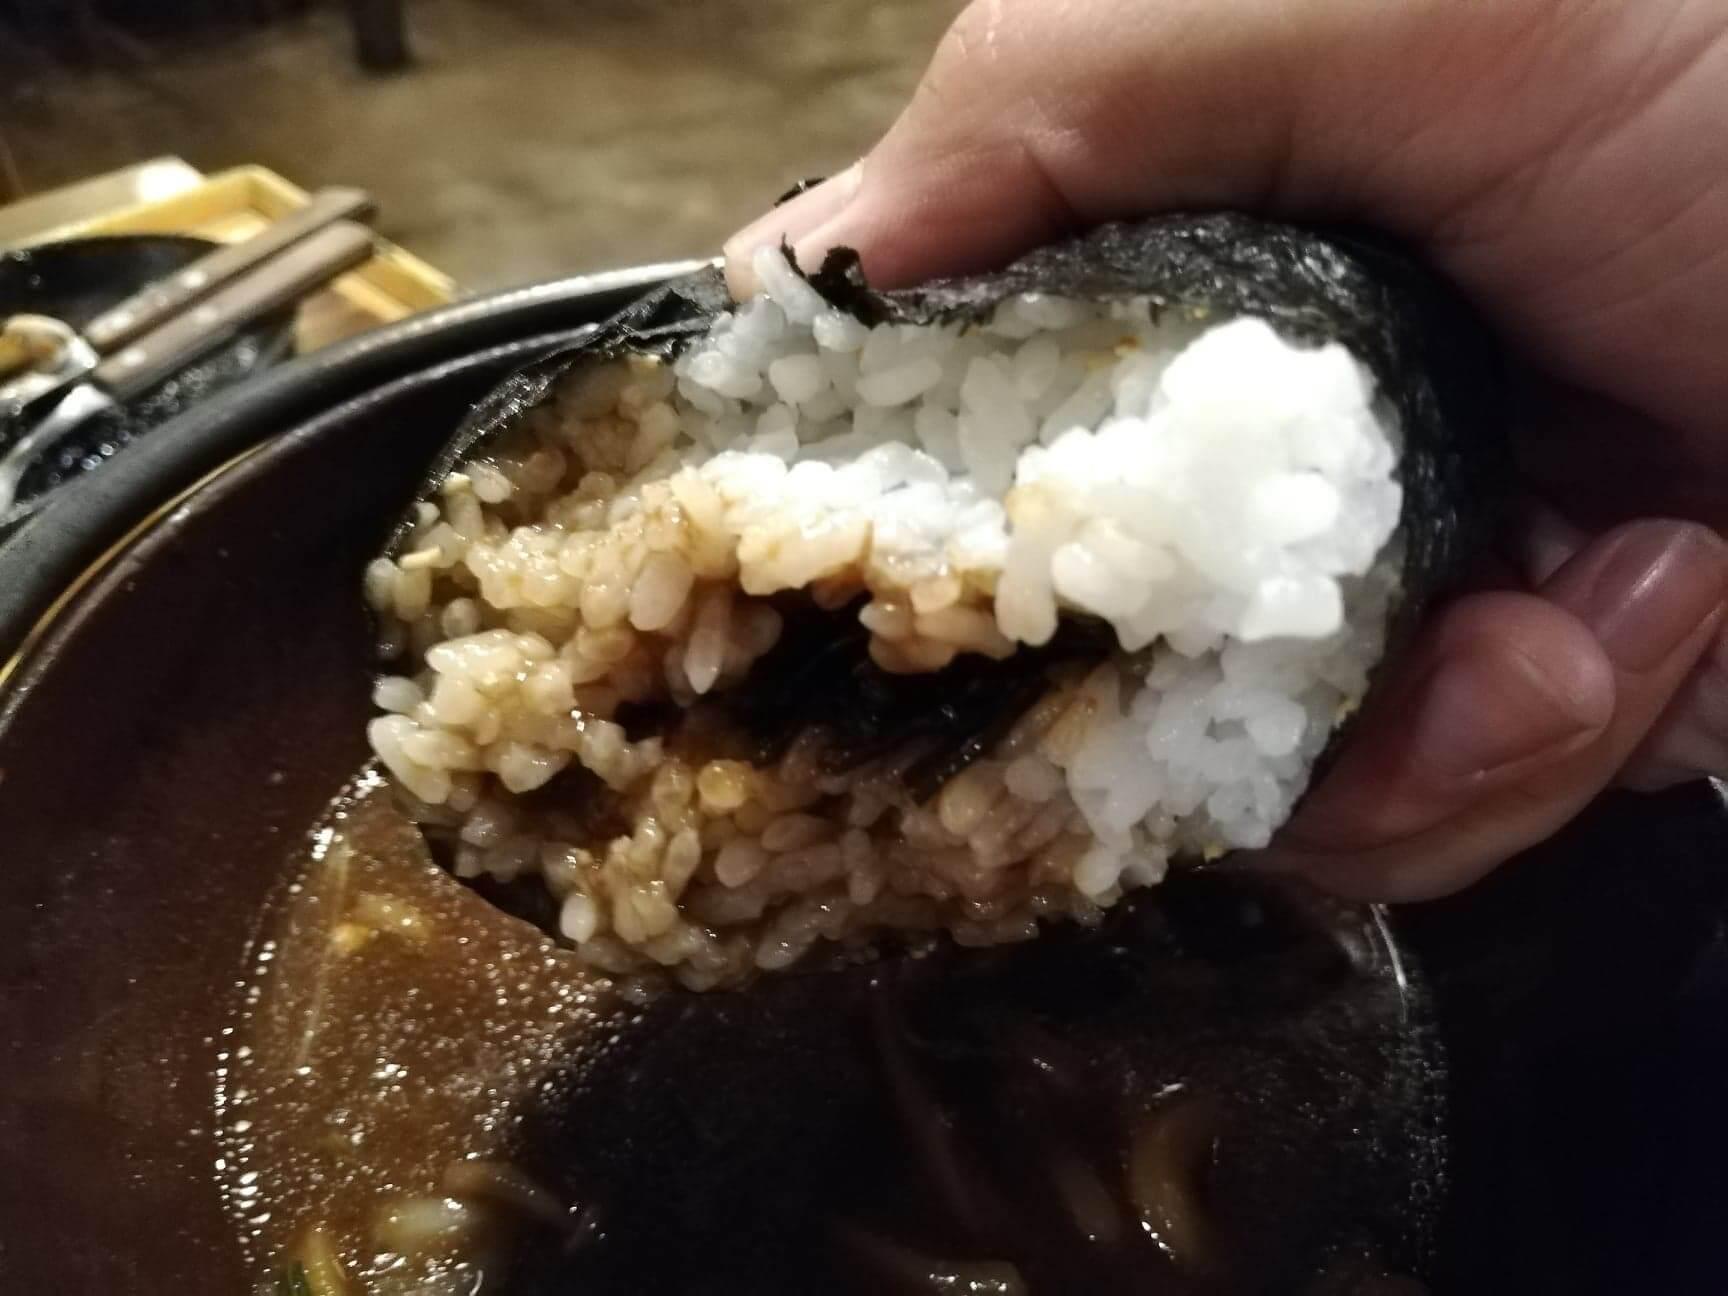 広島県の前空駅『田舎茶屋わたや大野店』の山賊むすびをスープにつけている写真